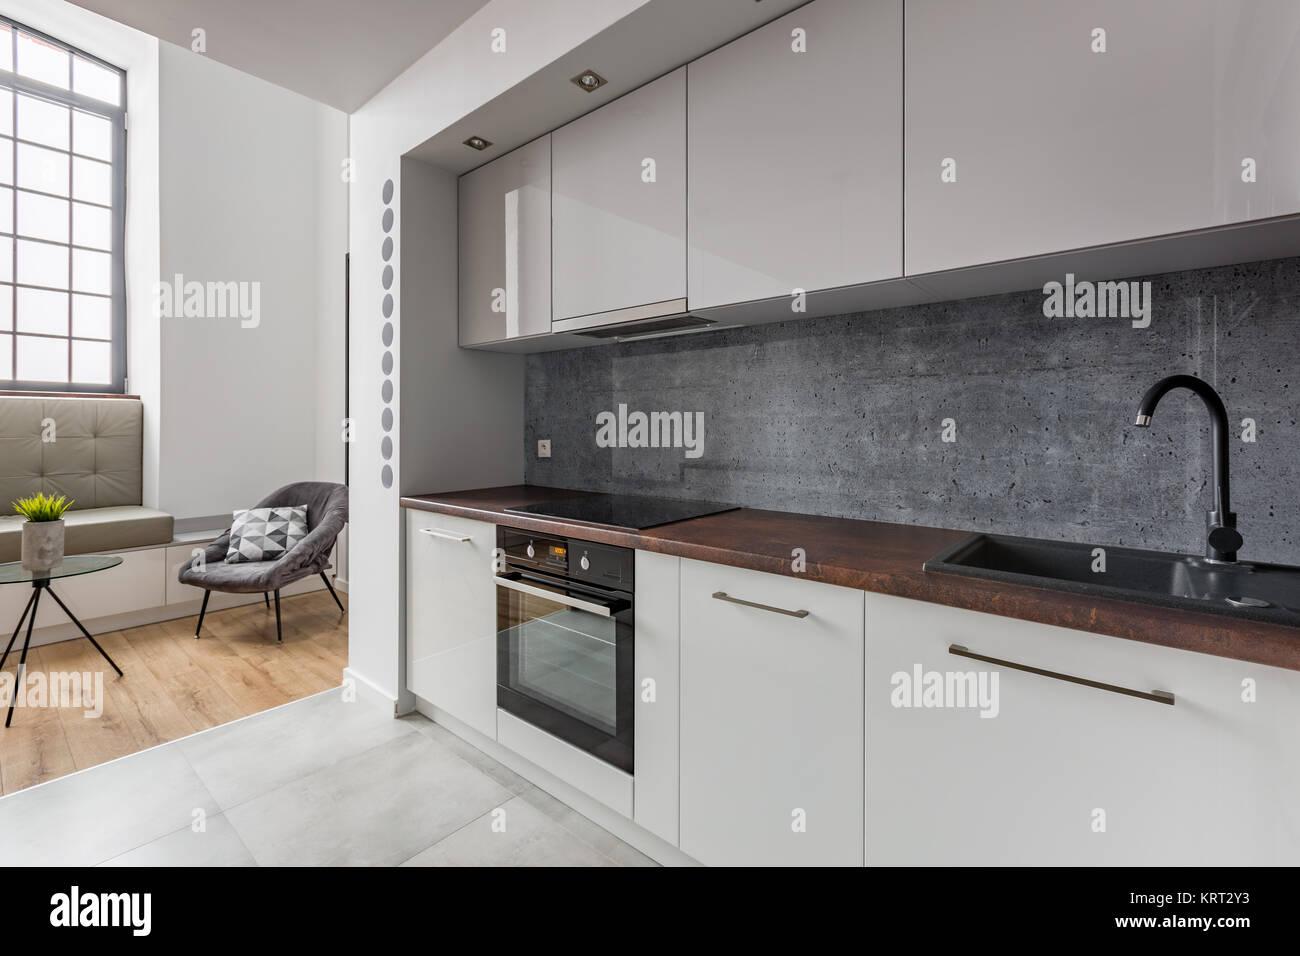 Cucina moderna con il nero lavello e piano di lavoro in granito foto immagine stock 169559575 - Piano cucina in granito ...